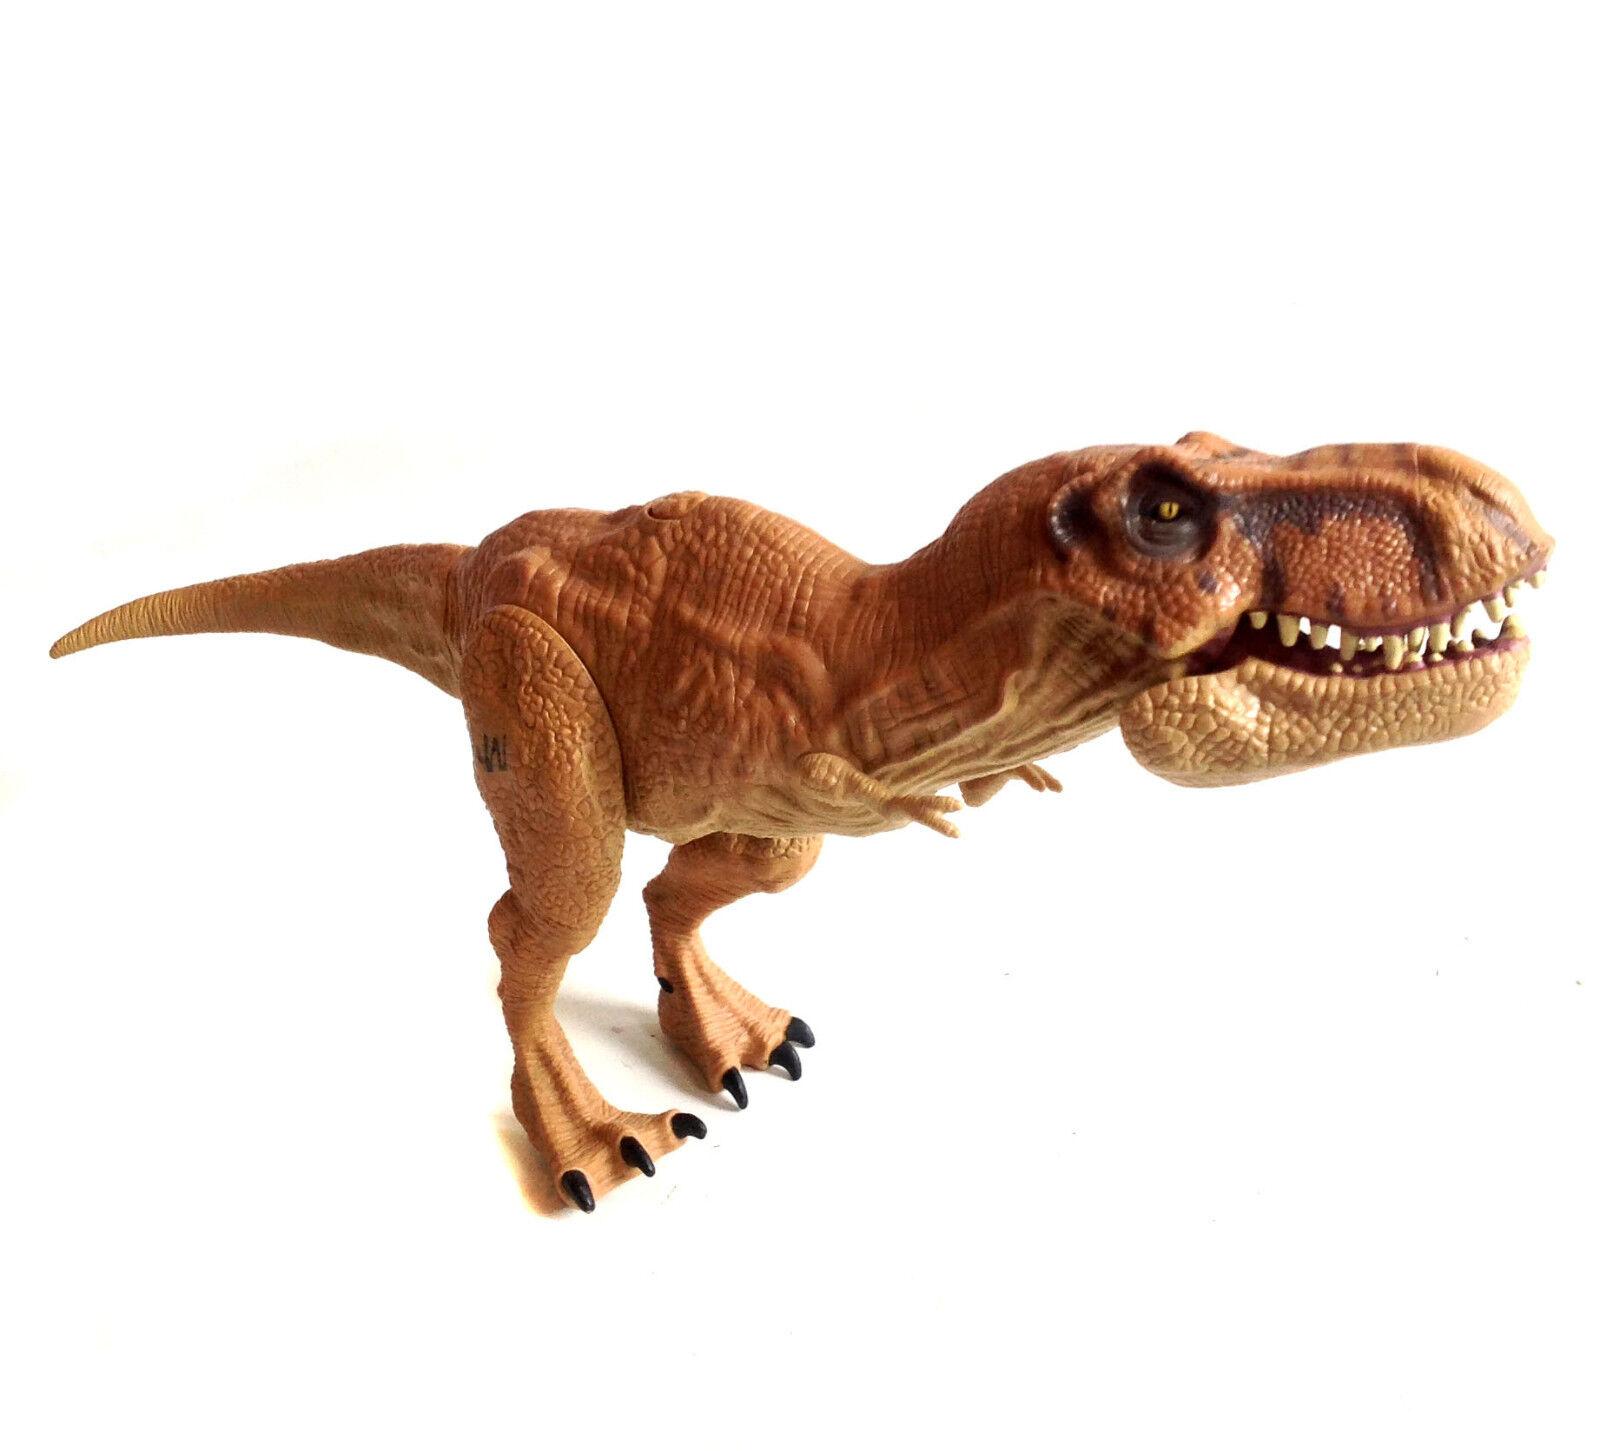 Jurassic park welt t - rex tyranasaurus dinosaurier - 12  poseable spielzeug bild schön